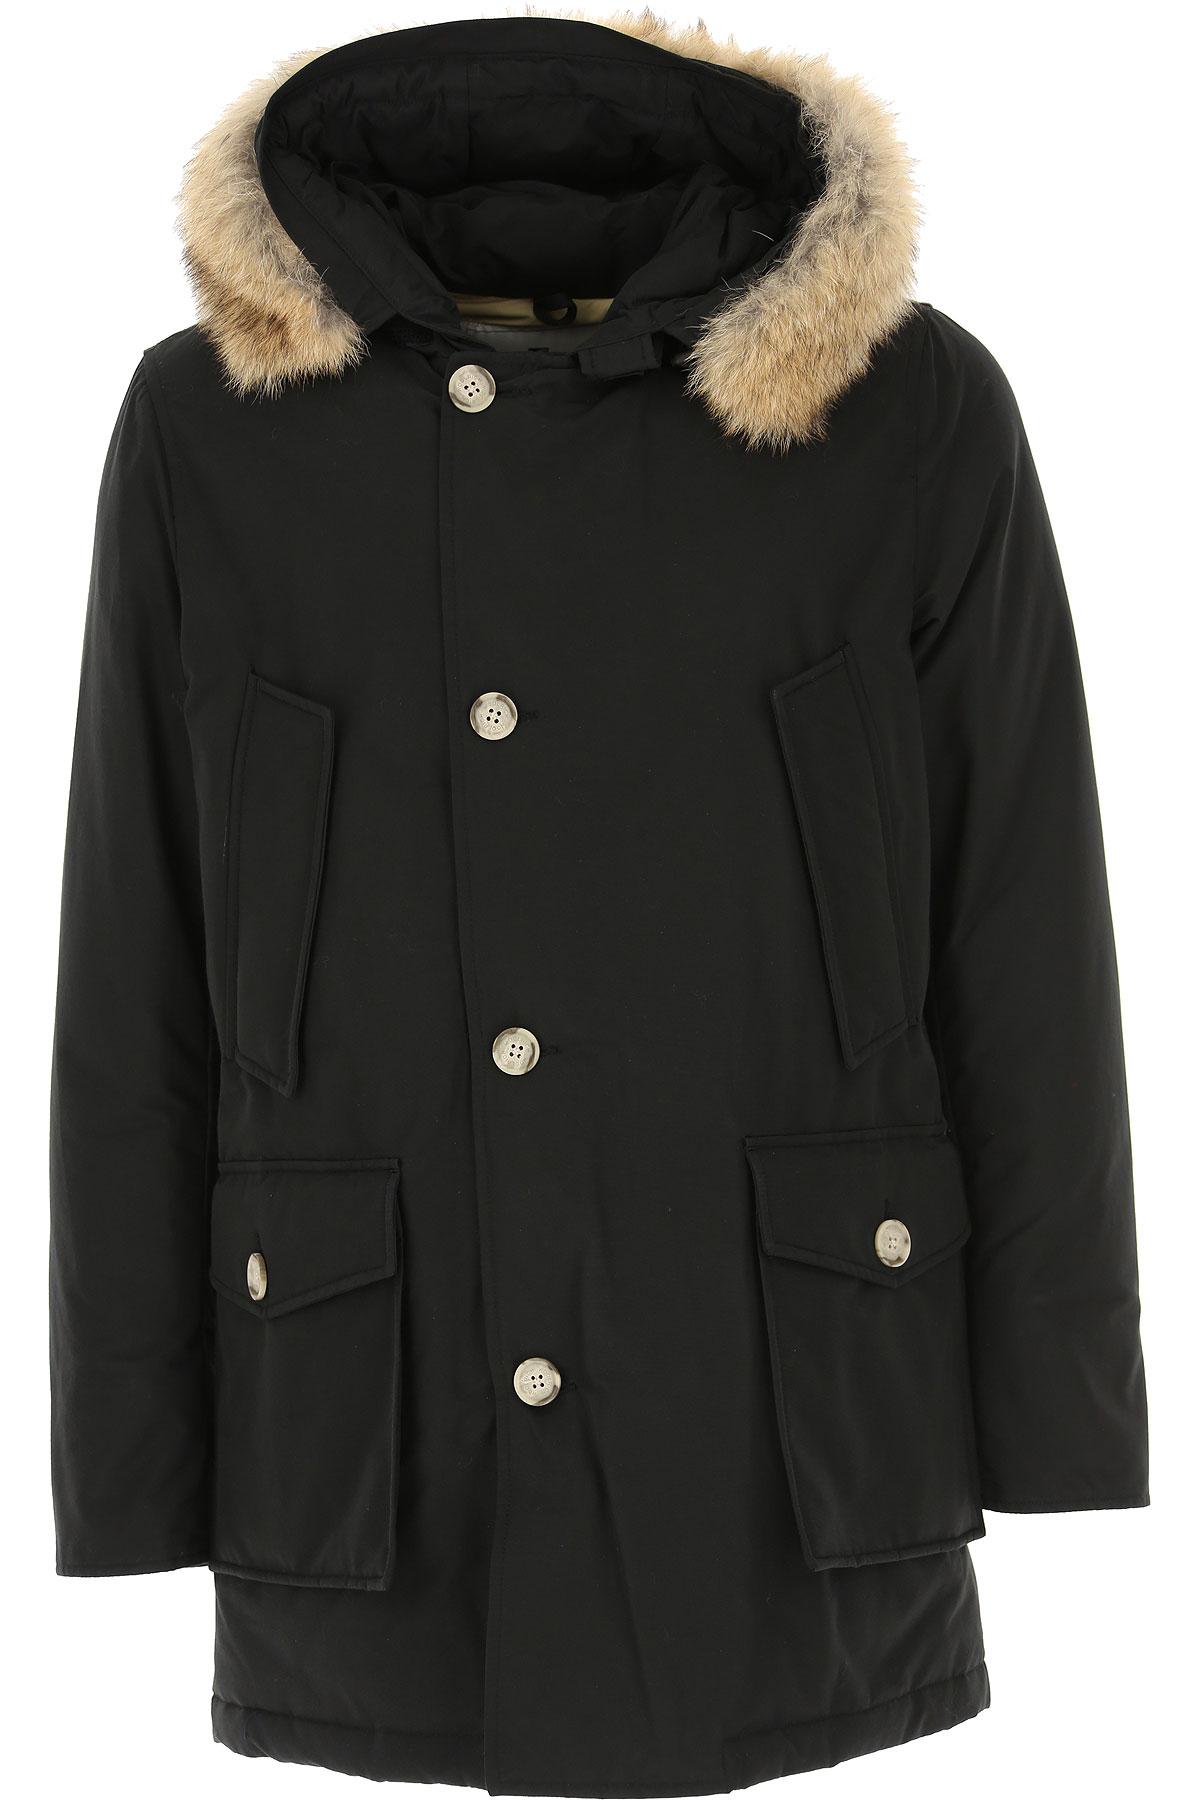 Woolrich Down Jacket for Men, Puffer Ski Jacket, Black, polyamide, 2019, L M S XL XS XXL